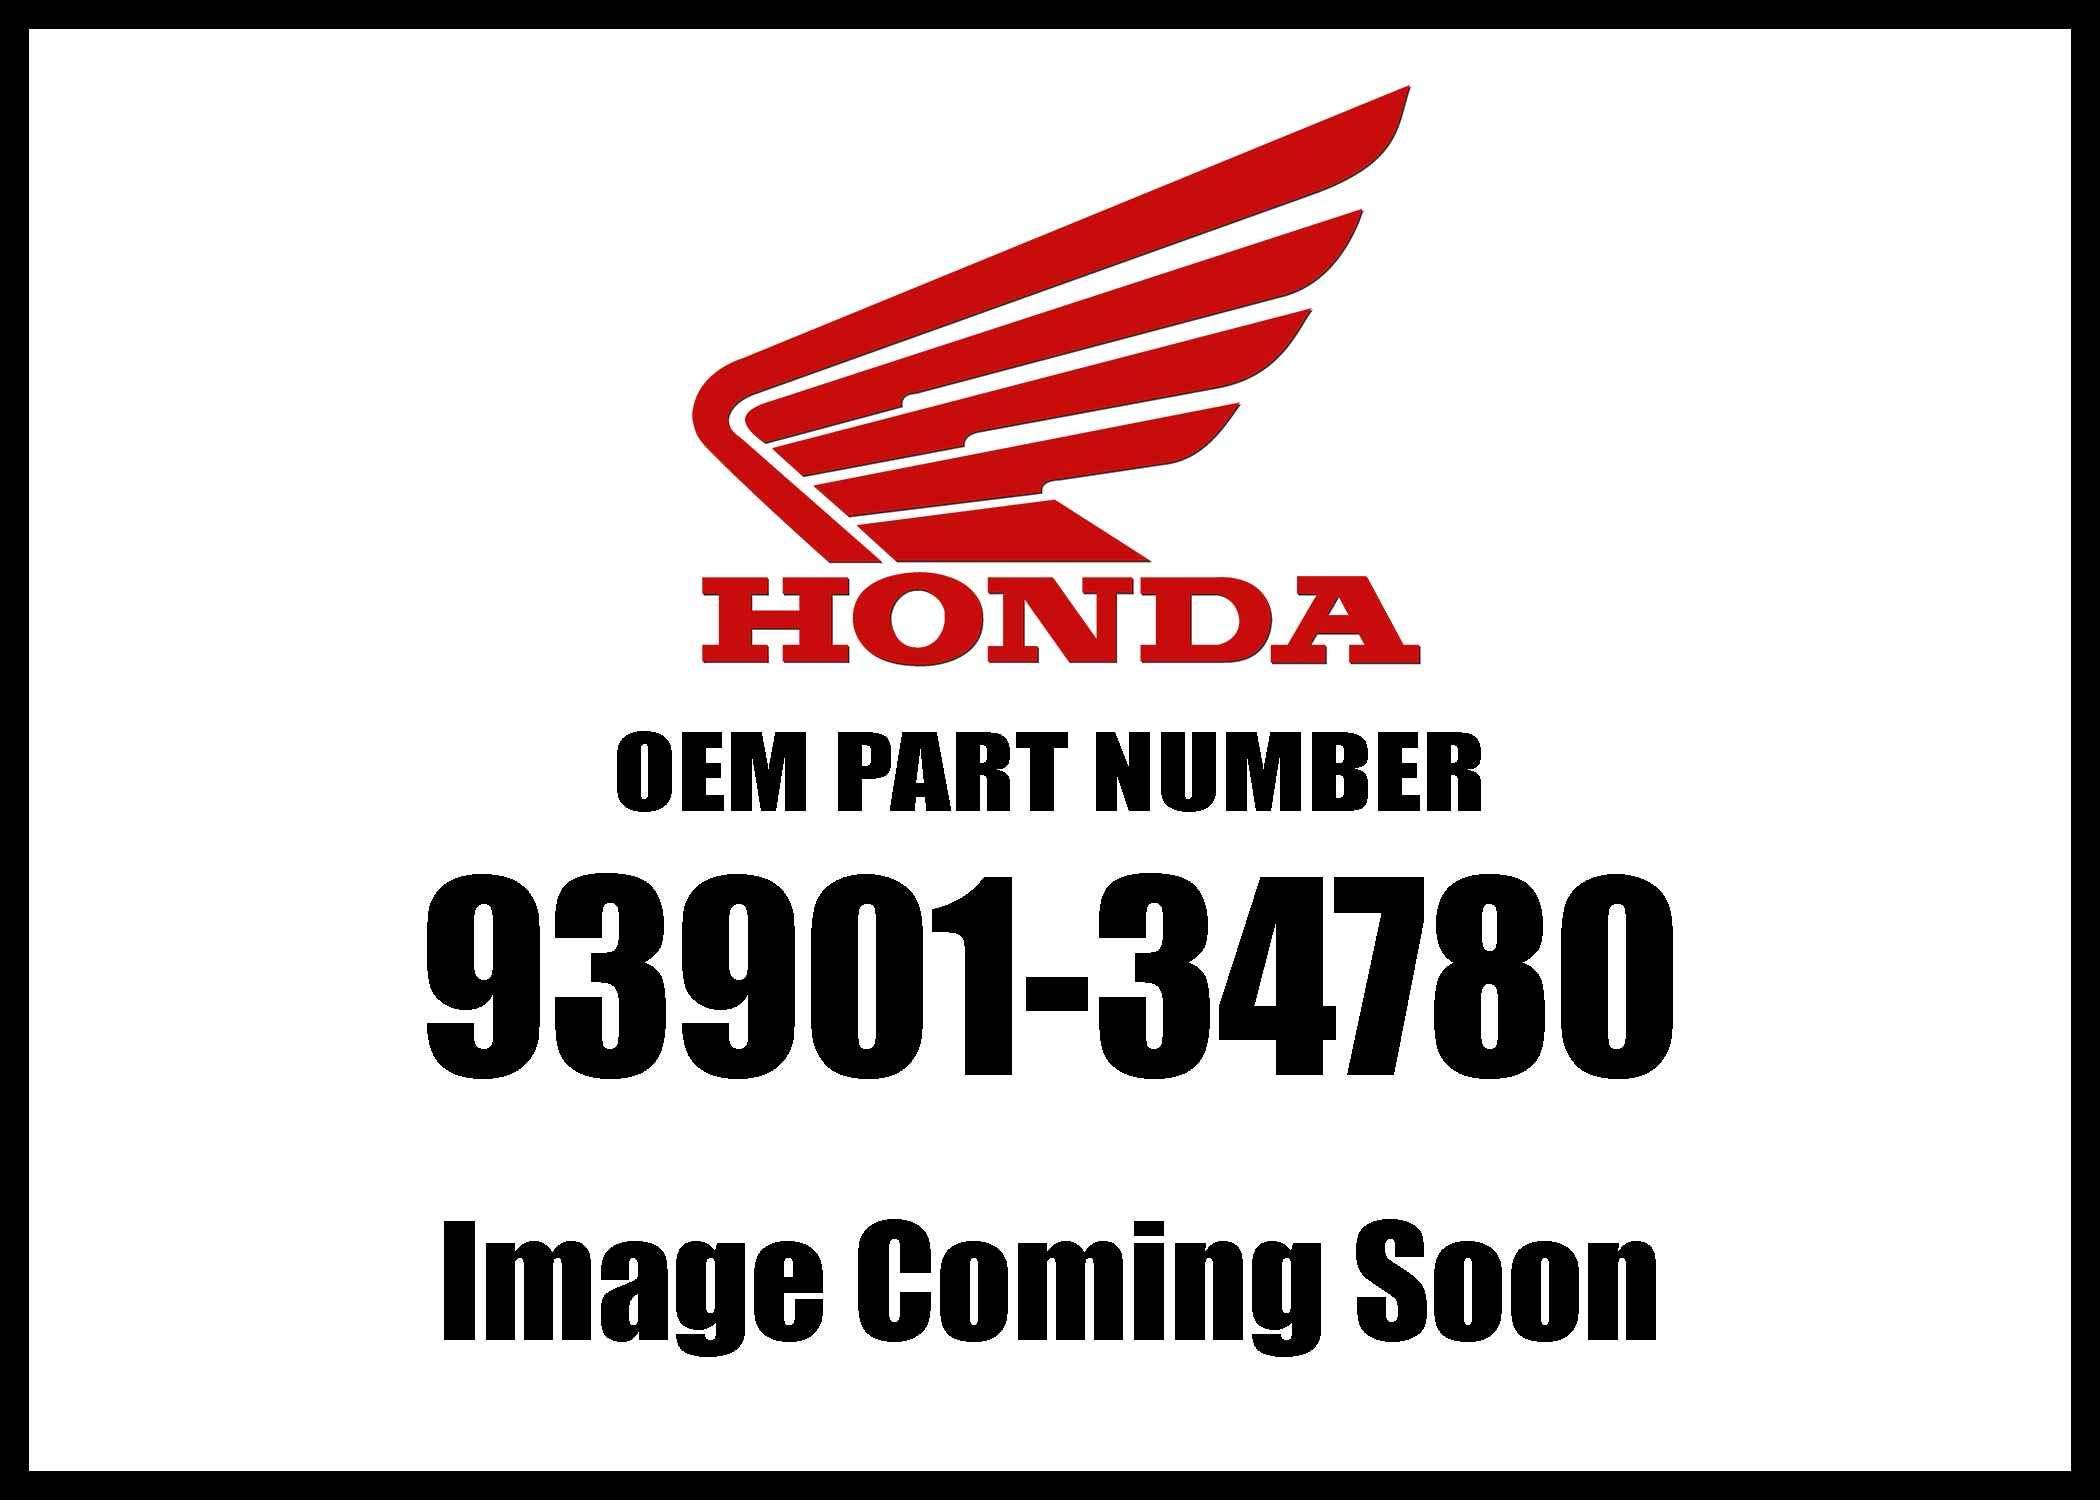 Honda 93901-34780 Screw Genuine Original Equipment Manufacturer (OEM) Part